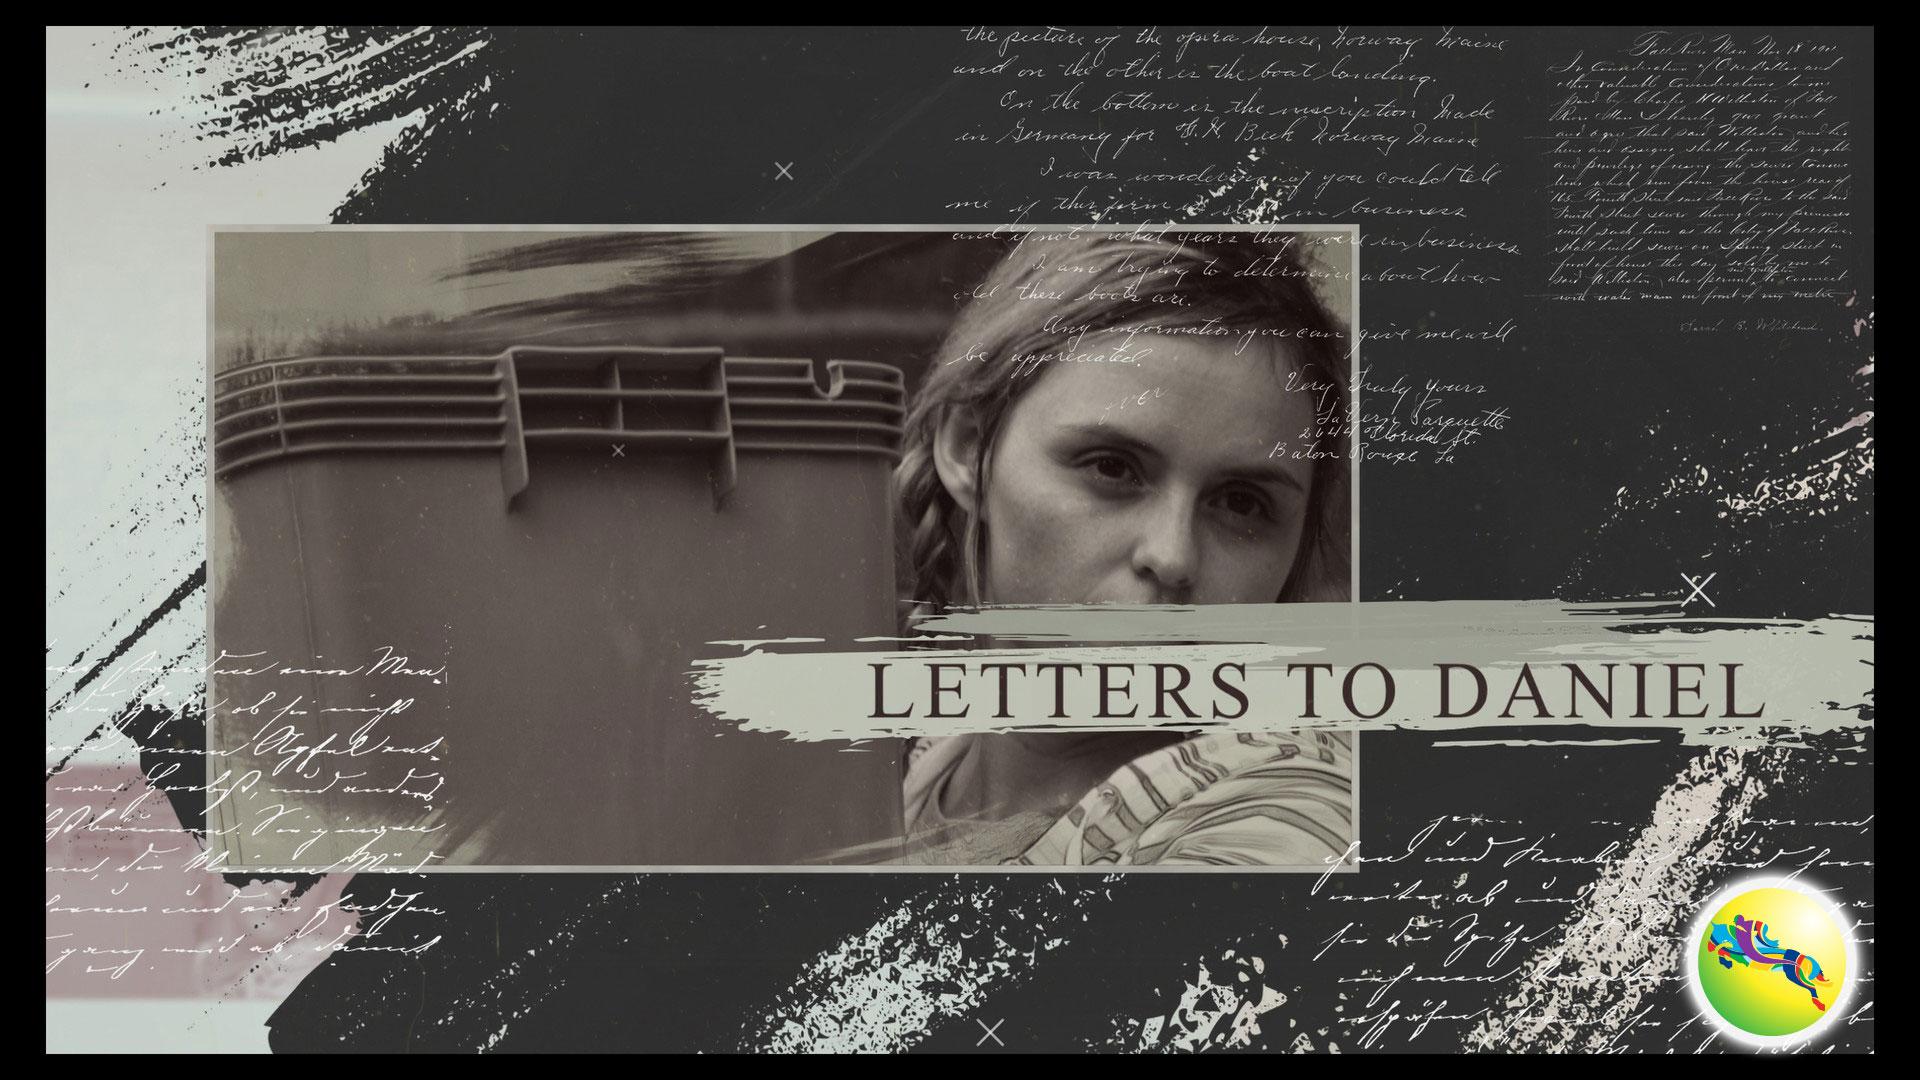 letterstodaniel